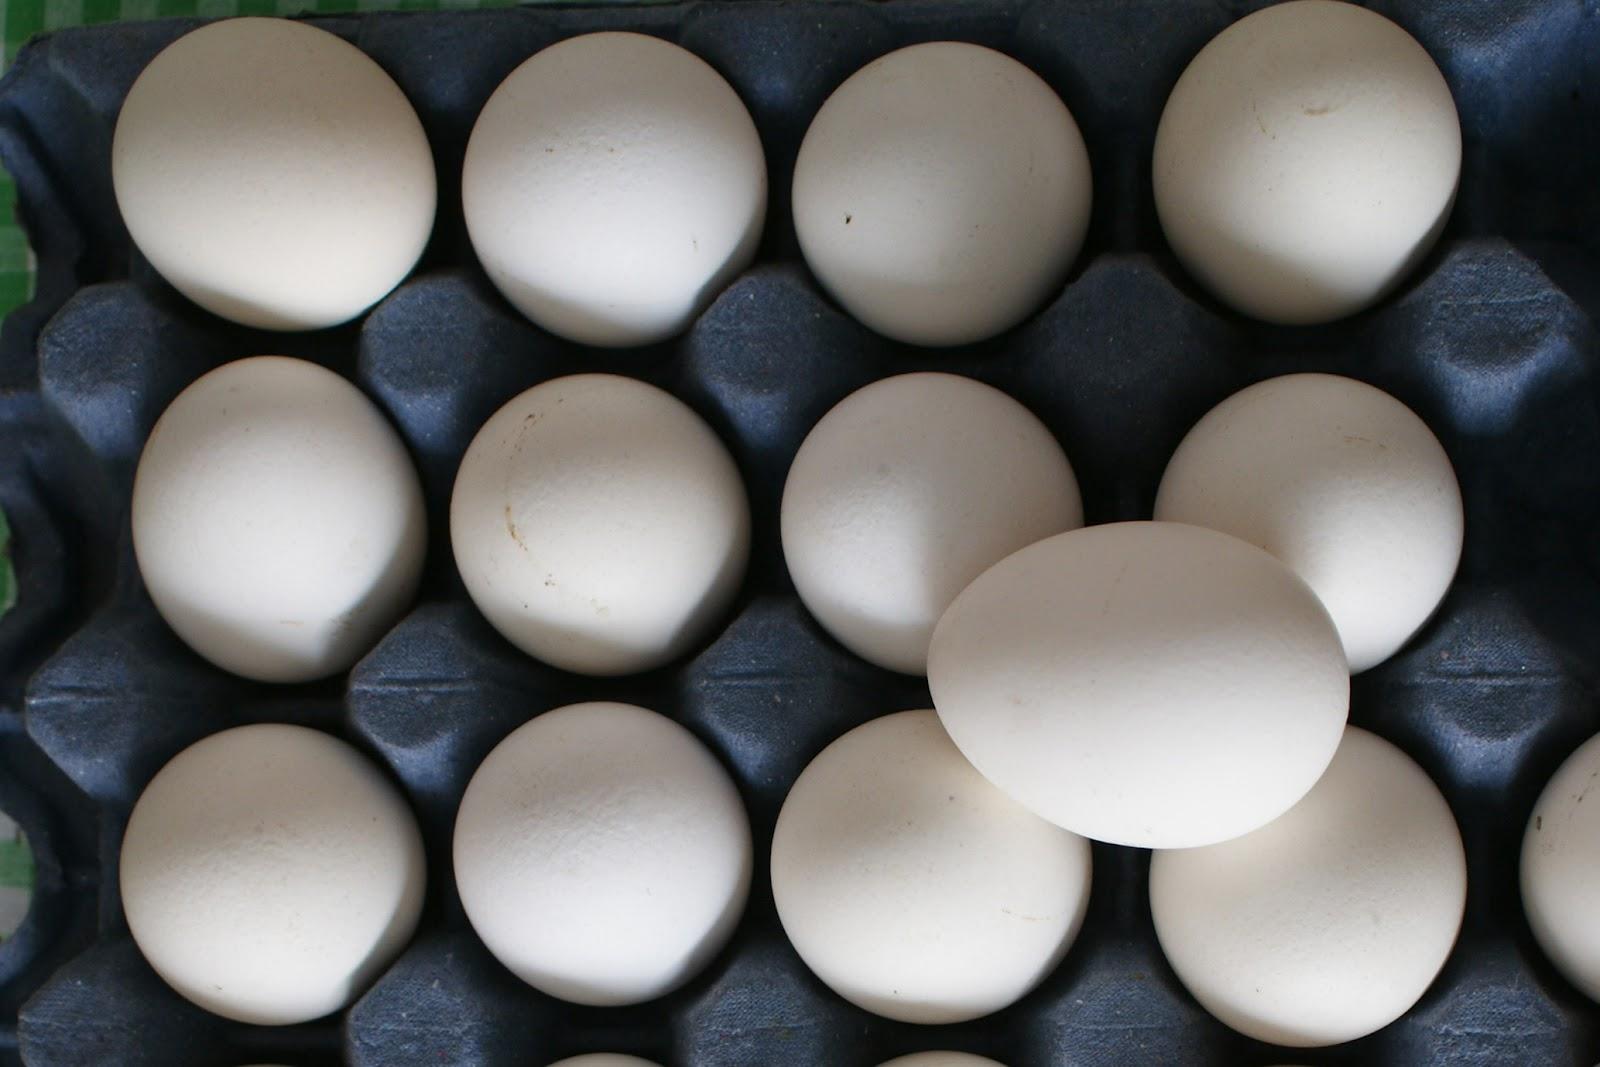 Periodismo del sureste chiapas sin huevos for Huevo en el ano